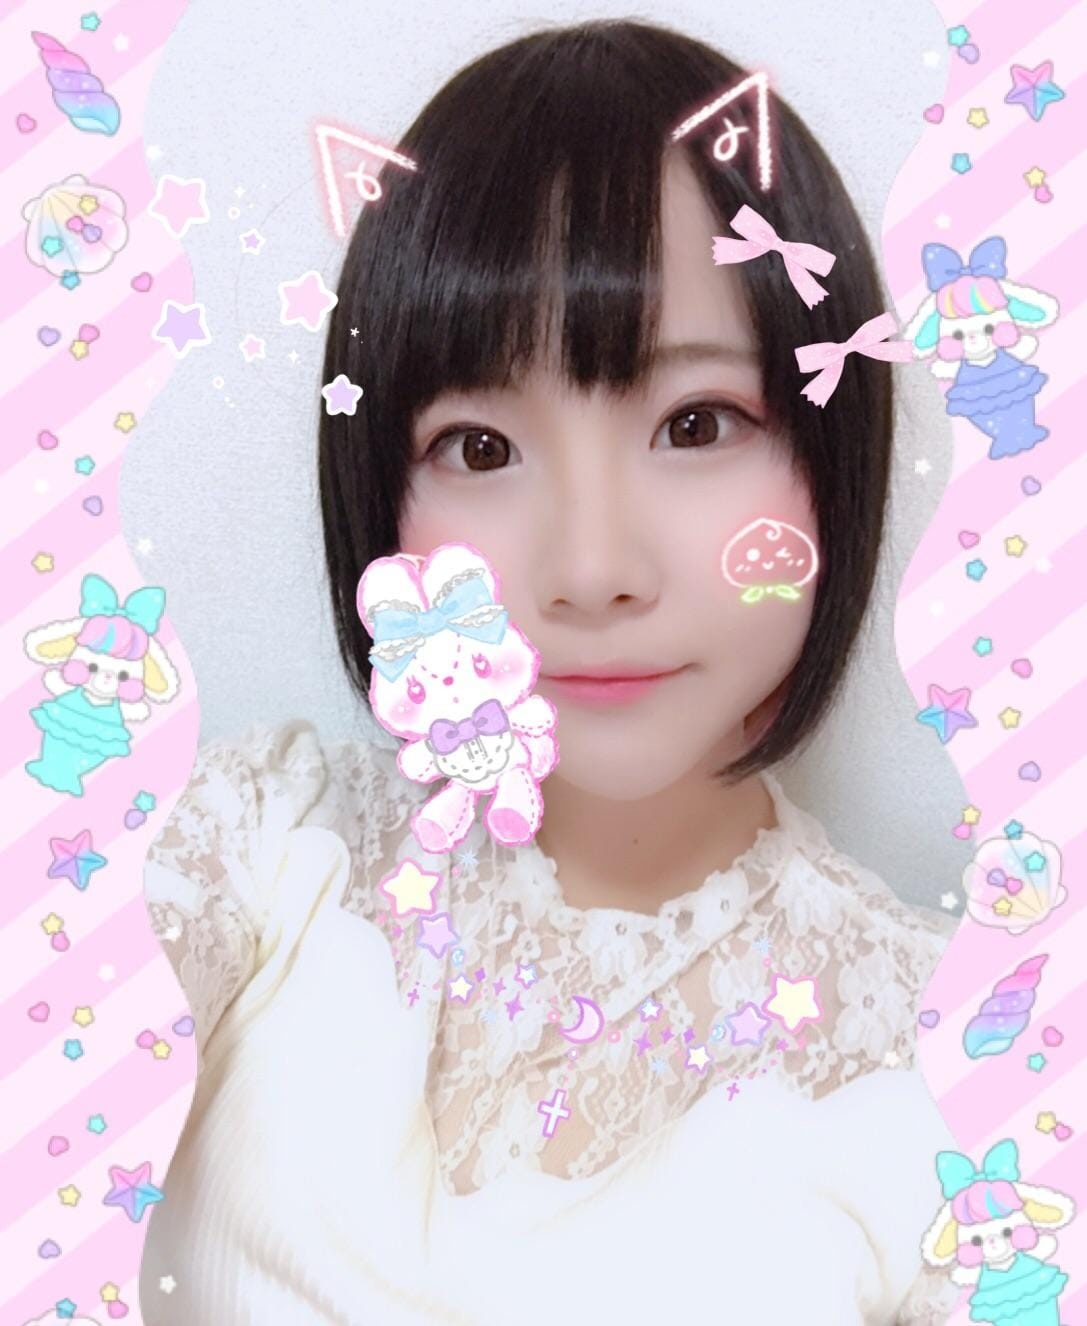 「お礼???ω????」09/24(09/24) 00:41 | みわの写メ・風俗動画